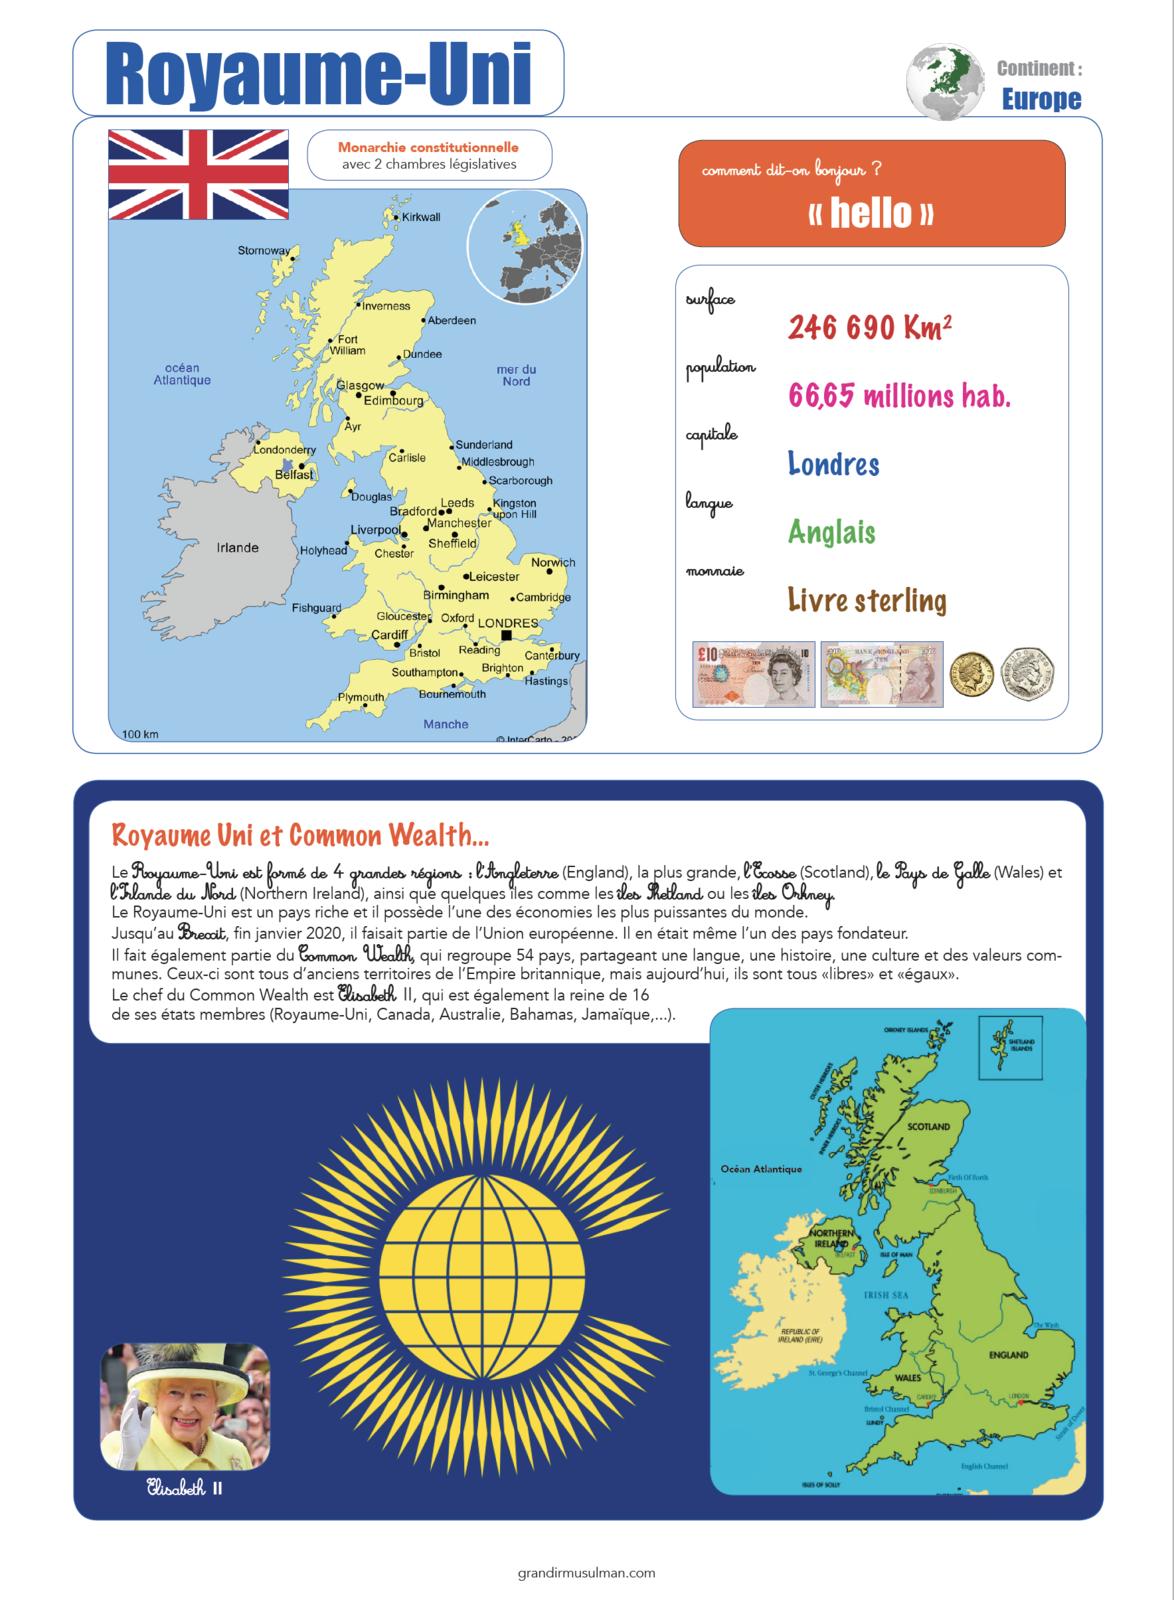 Notre tour du monde : Royaume-Uni